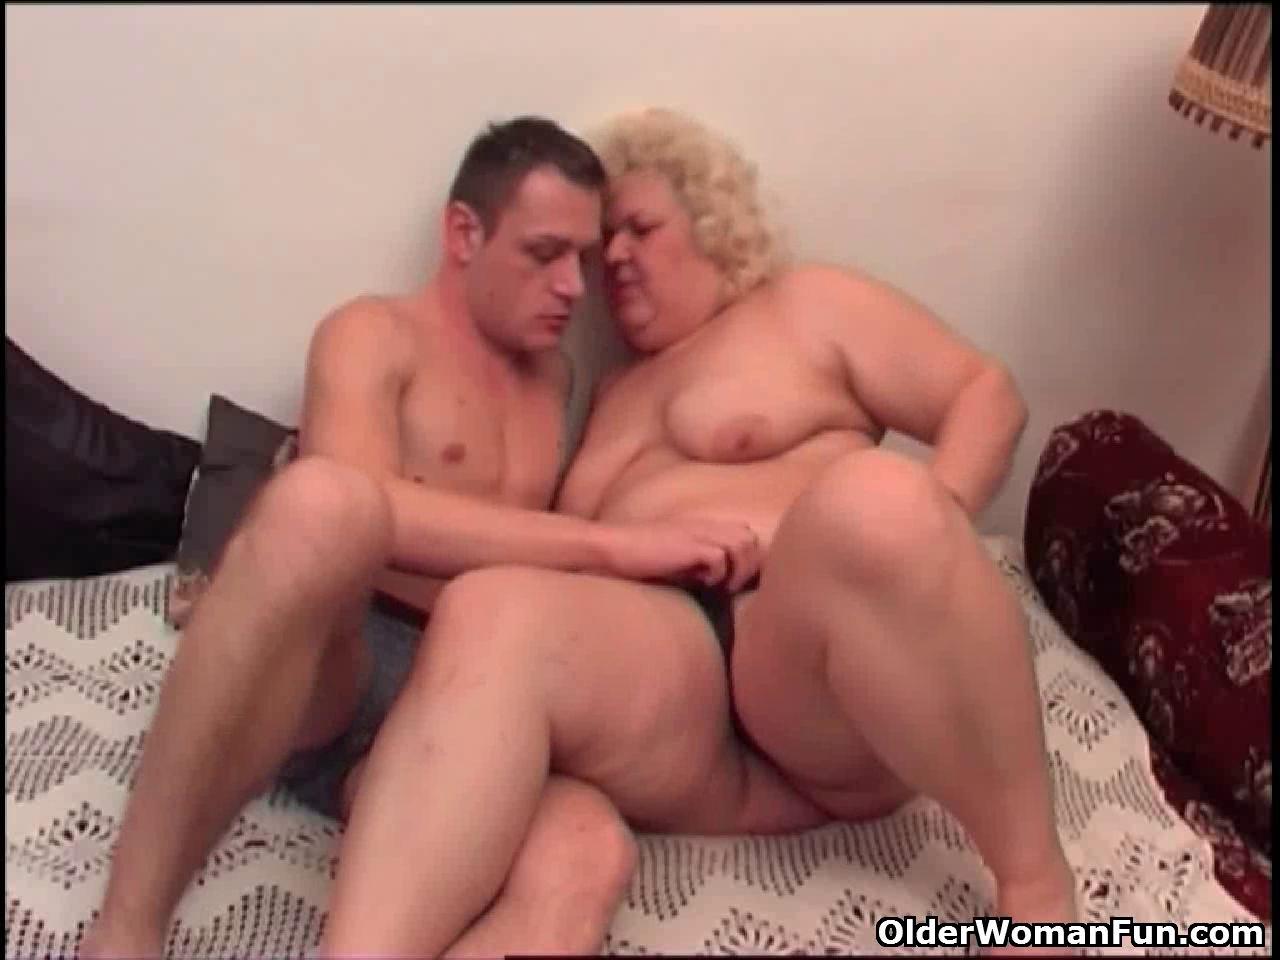 Порно бабушки онлайн ... - zreloe-porno.com